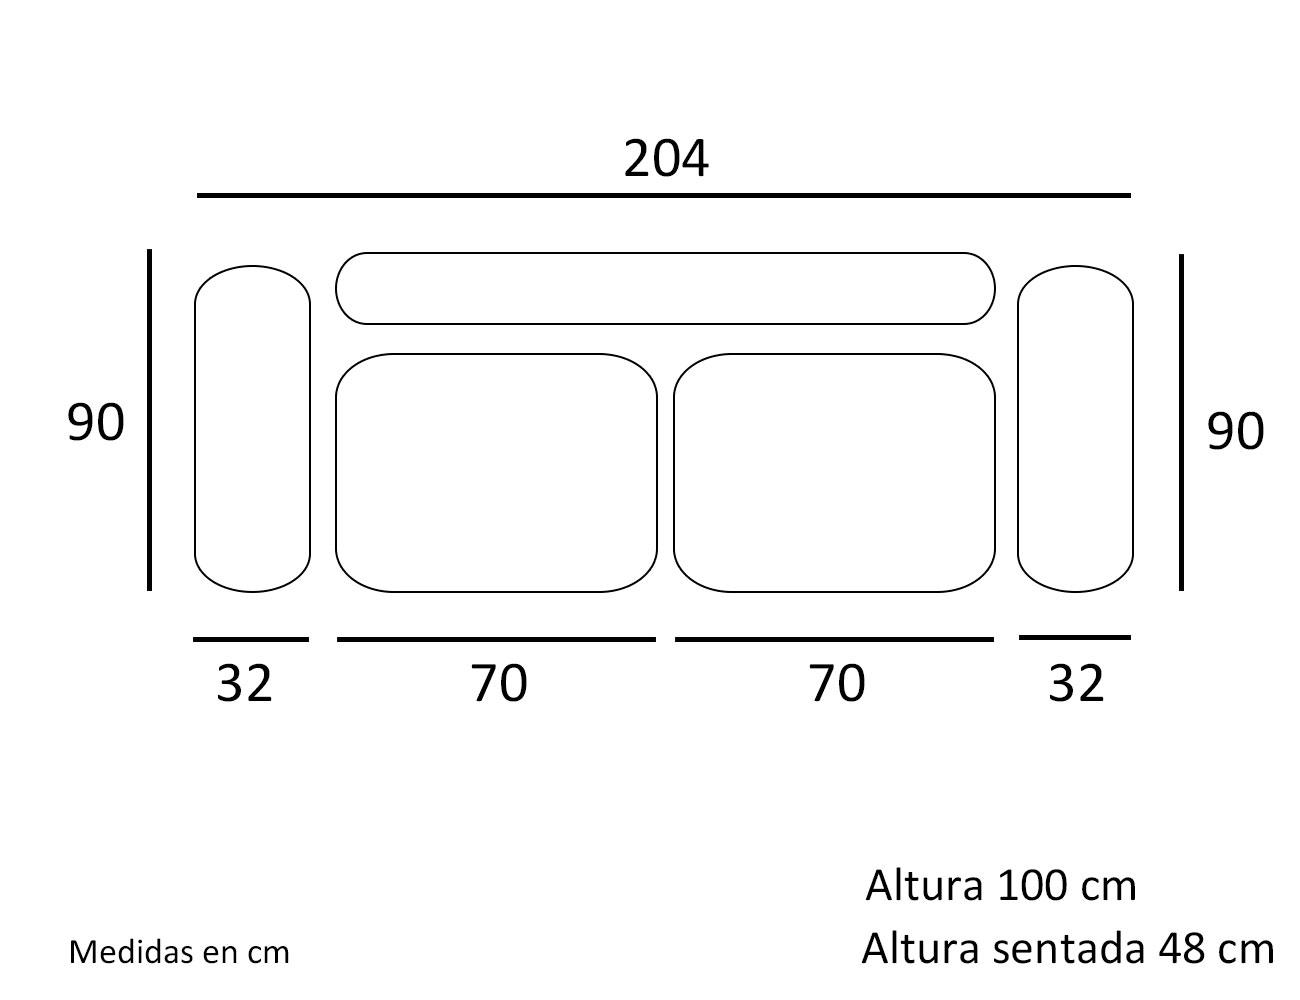 Croquis sofa 3 plazas 204